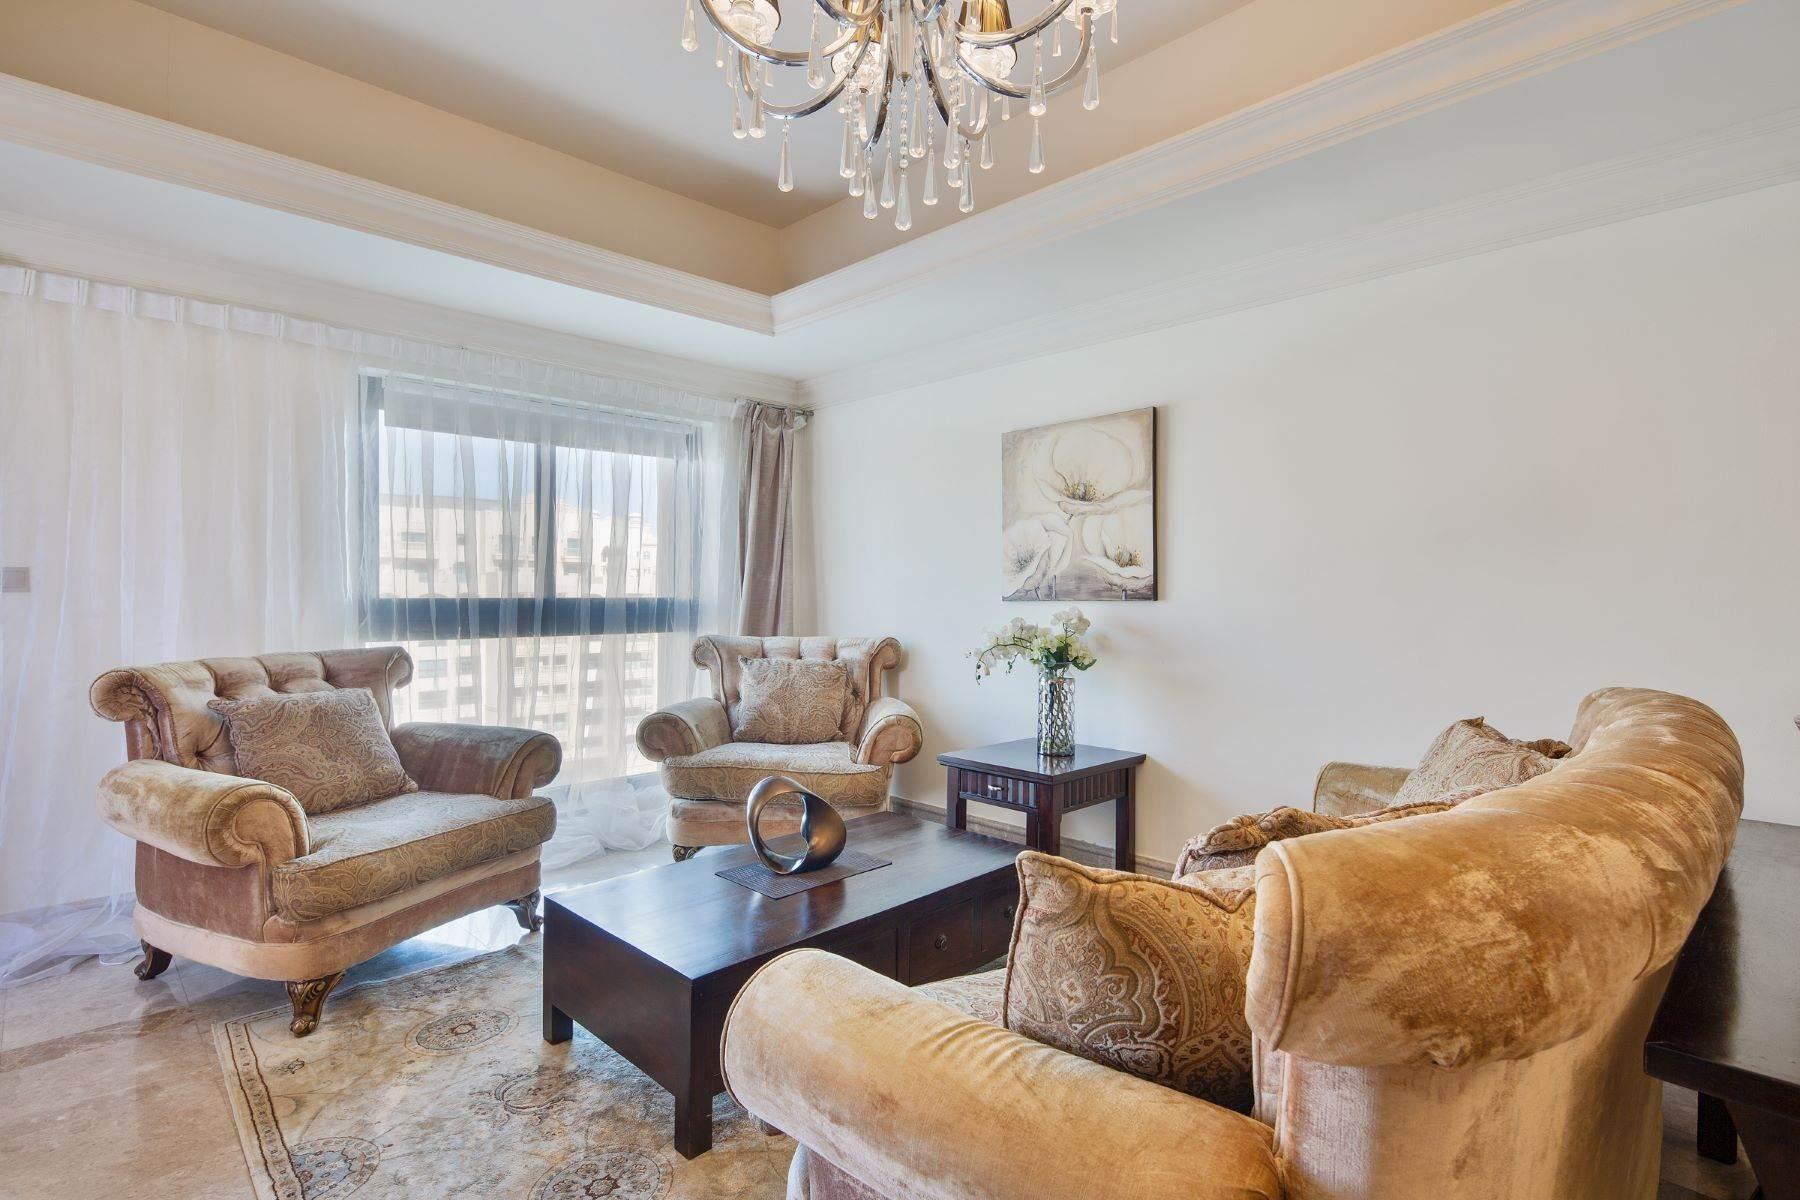 The Fairmont Palm Residences Palm Jumeirah Dubai Du Real Estate